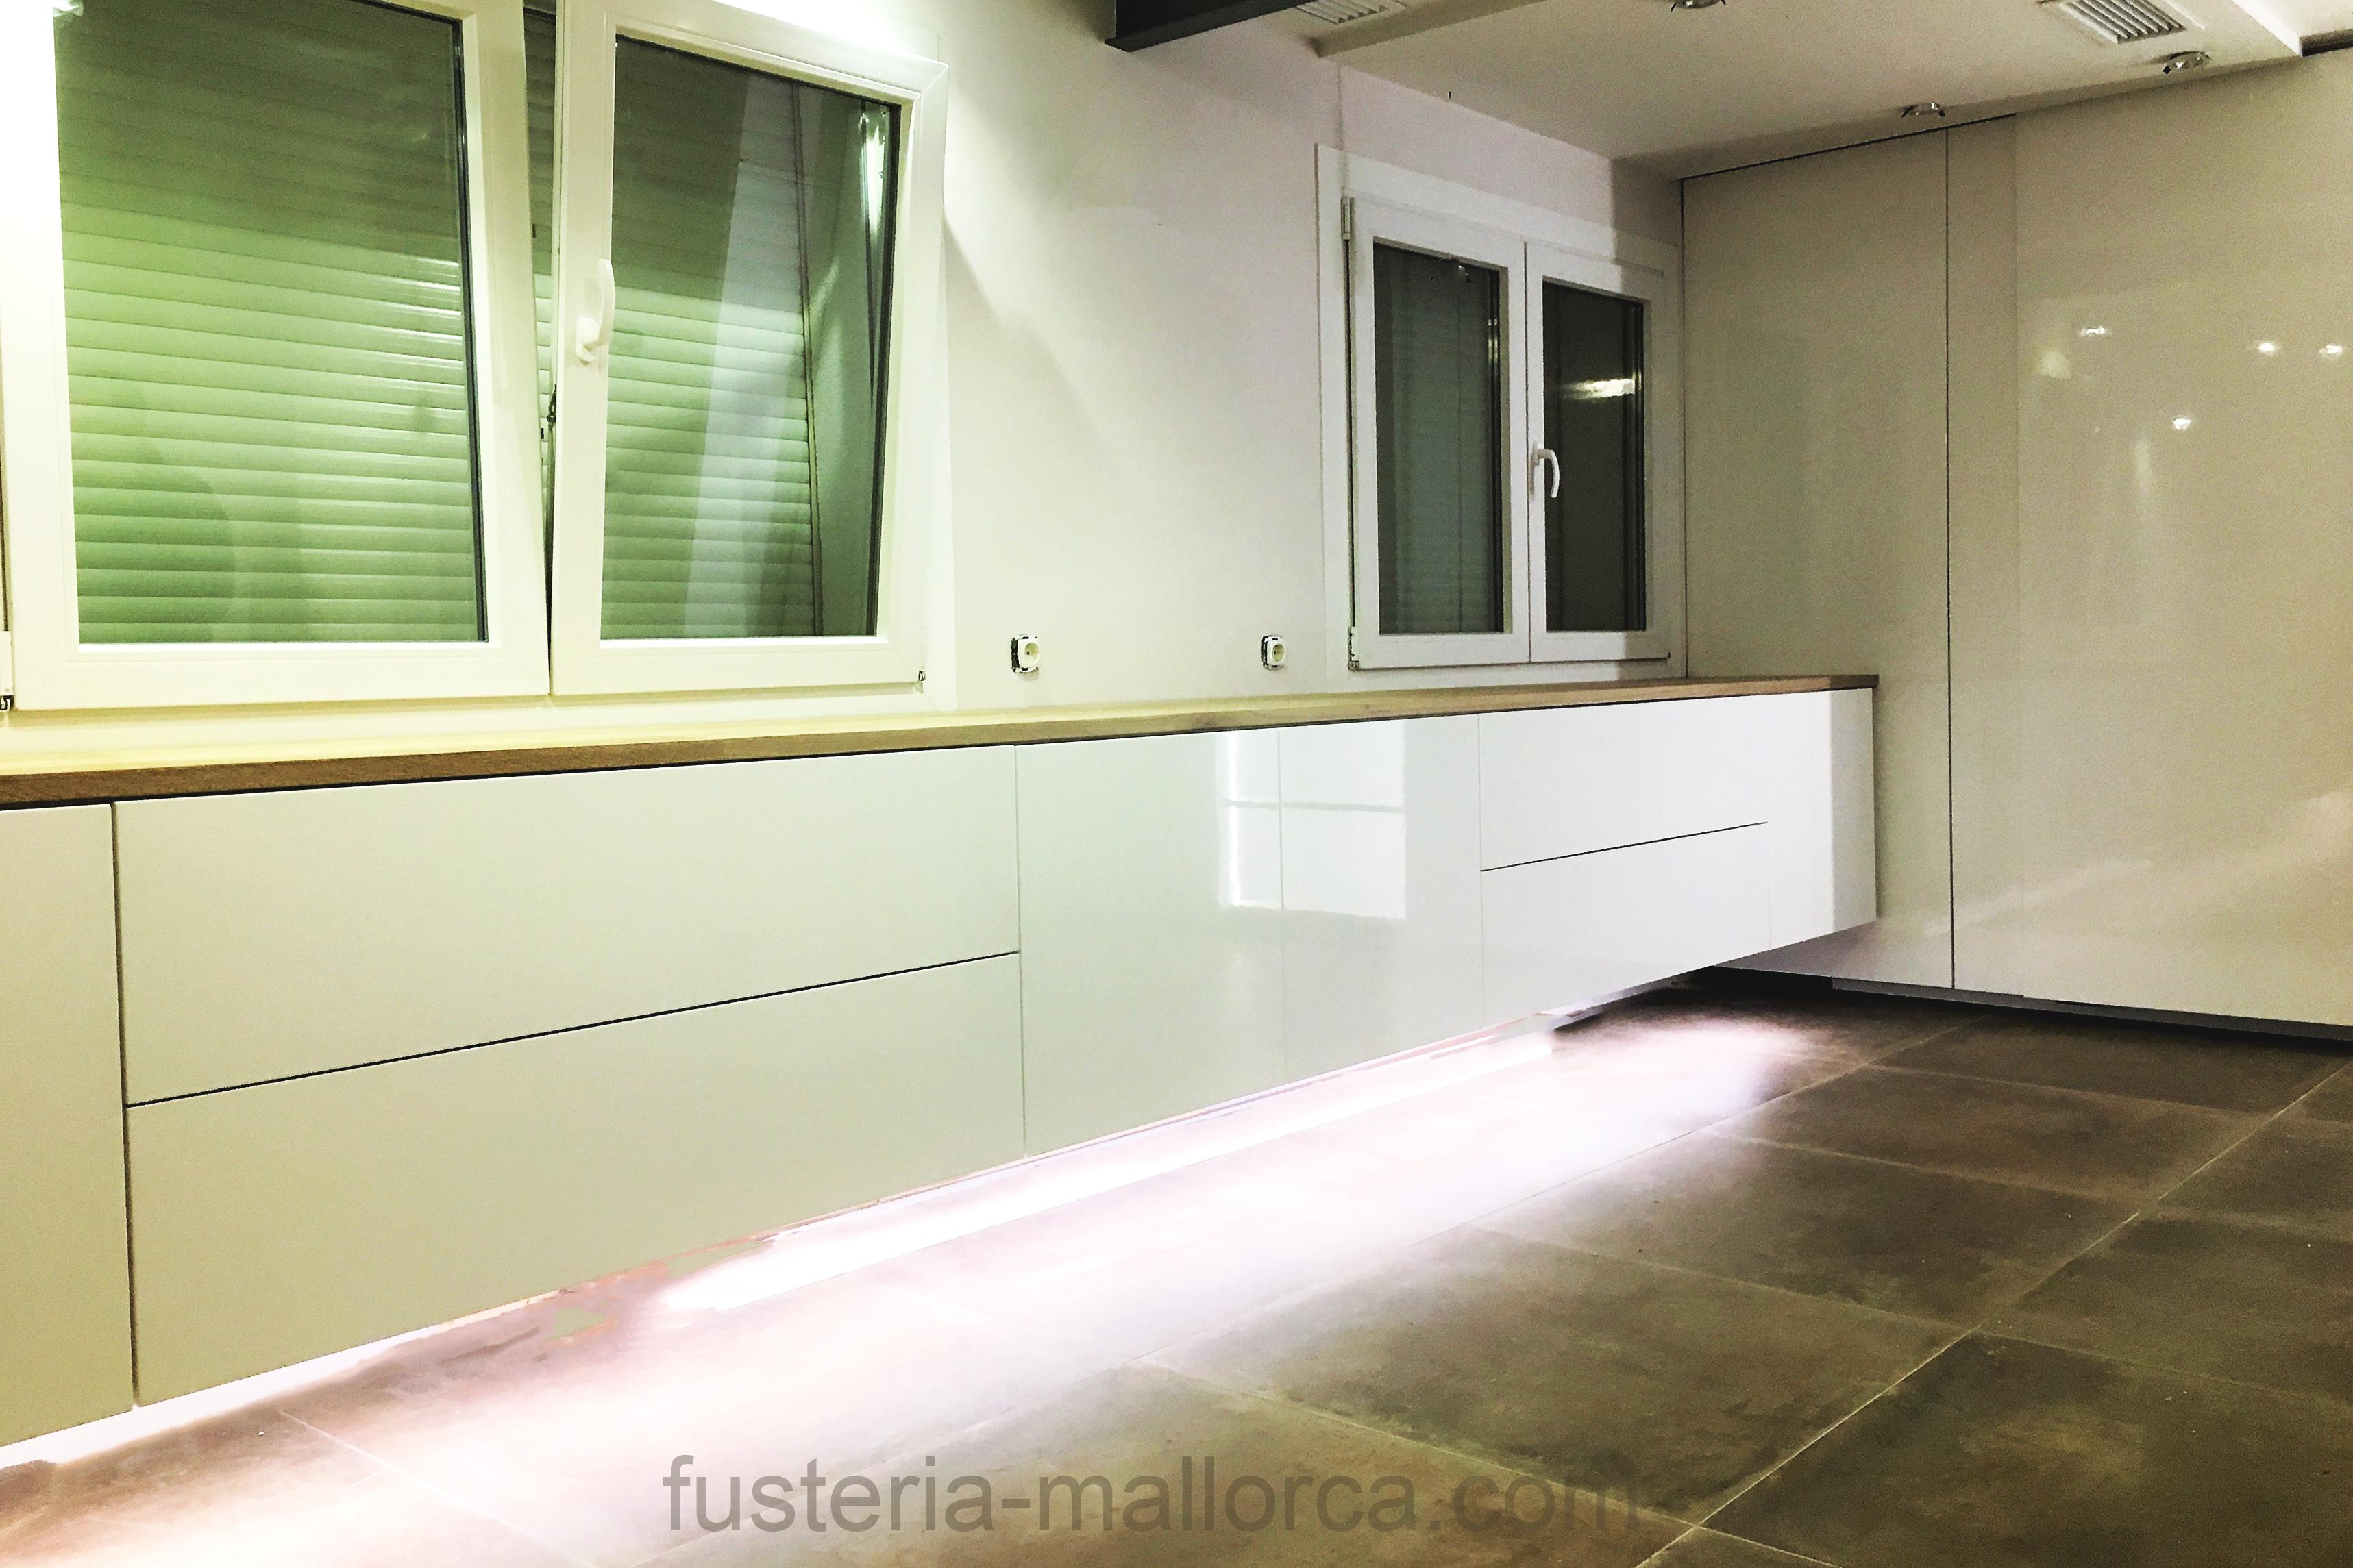 #wood #art #design #holz #kunst #design #madera #arte kitchen #küche #cocina #white #weiß #blanco